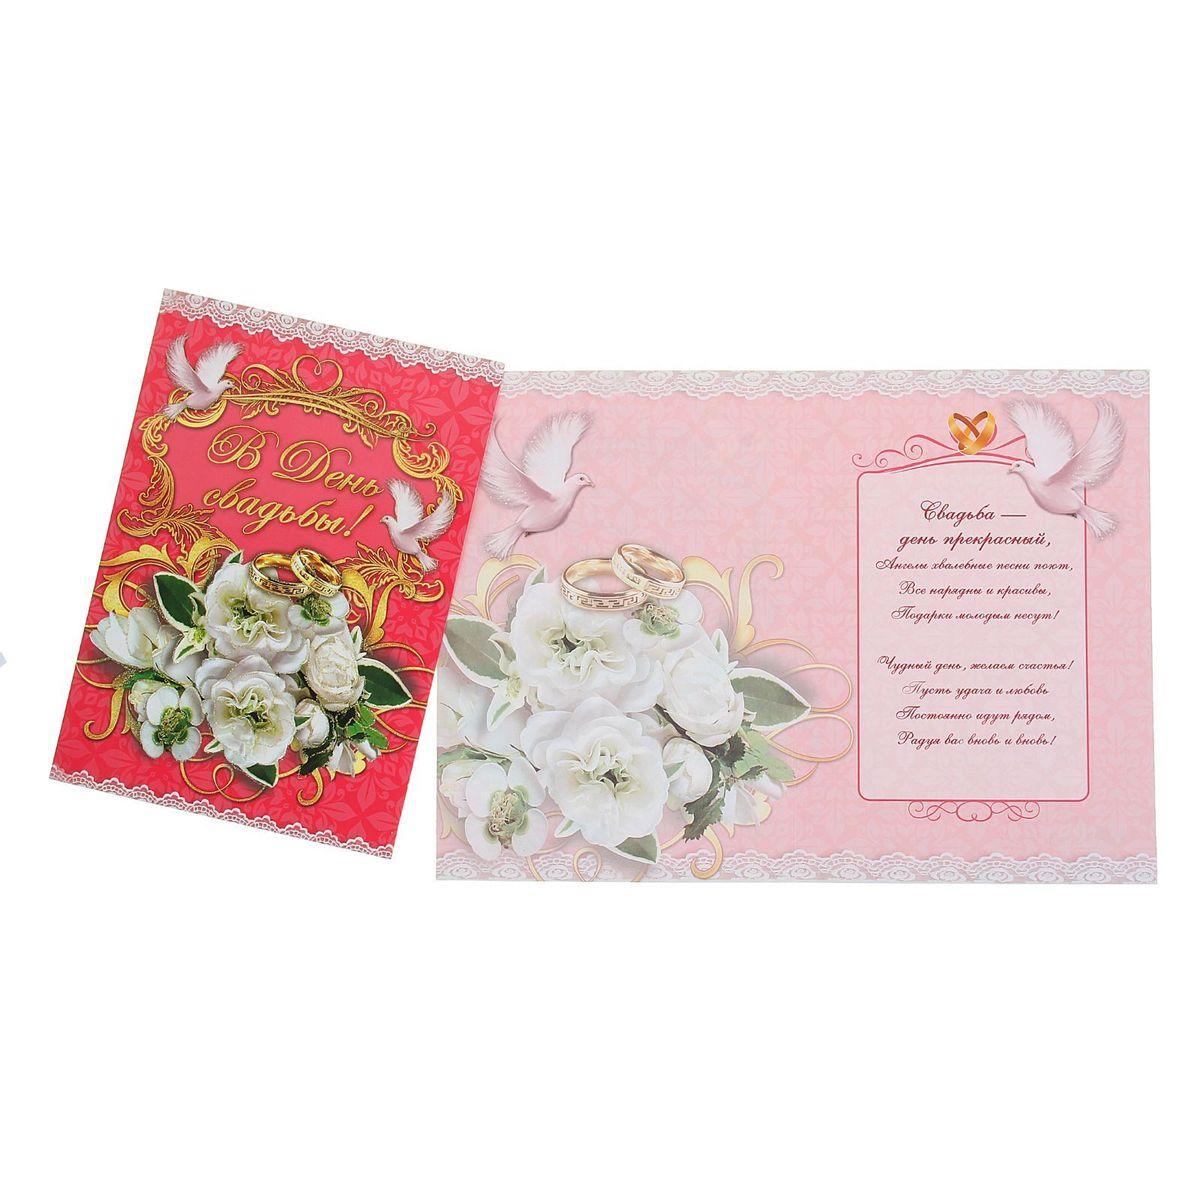 Открытка Sima-land В день свадьбы! Цветы и кольца1147587Если вы хотите порадовать себя или близких, создать праздничное настроение и с улыбкой провести памятный день, то вы, несомненно, сделали правильный выбор! Открытка Sima-land В день свадьбы! Цветы и кольца, выполненная из плотной бумаги, отличается не только оригинальным дизайном, но и высоким качеством.Лицевая сторона изделия оформлена ярким изображением. Внутри открытка содержит текст с поздравлением.Такая открытка непременно порадует получателя и станет отличным напоминанием о проведенном вместе времени.